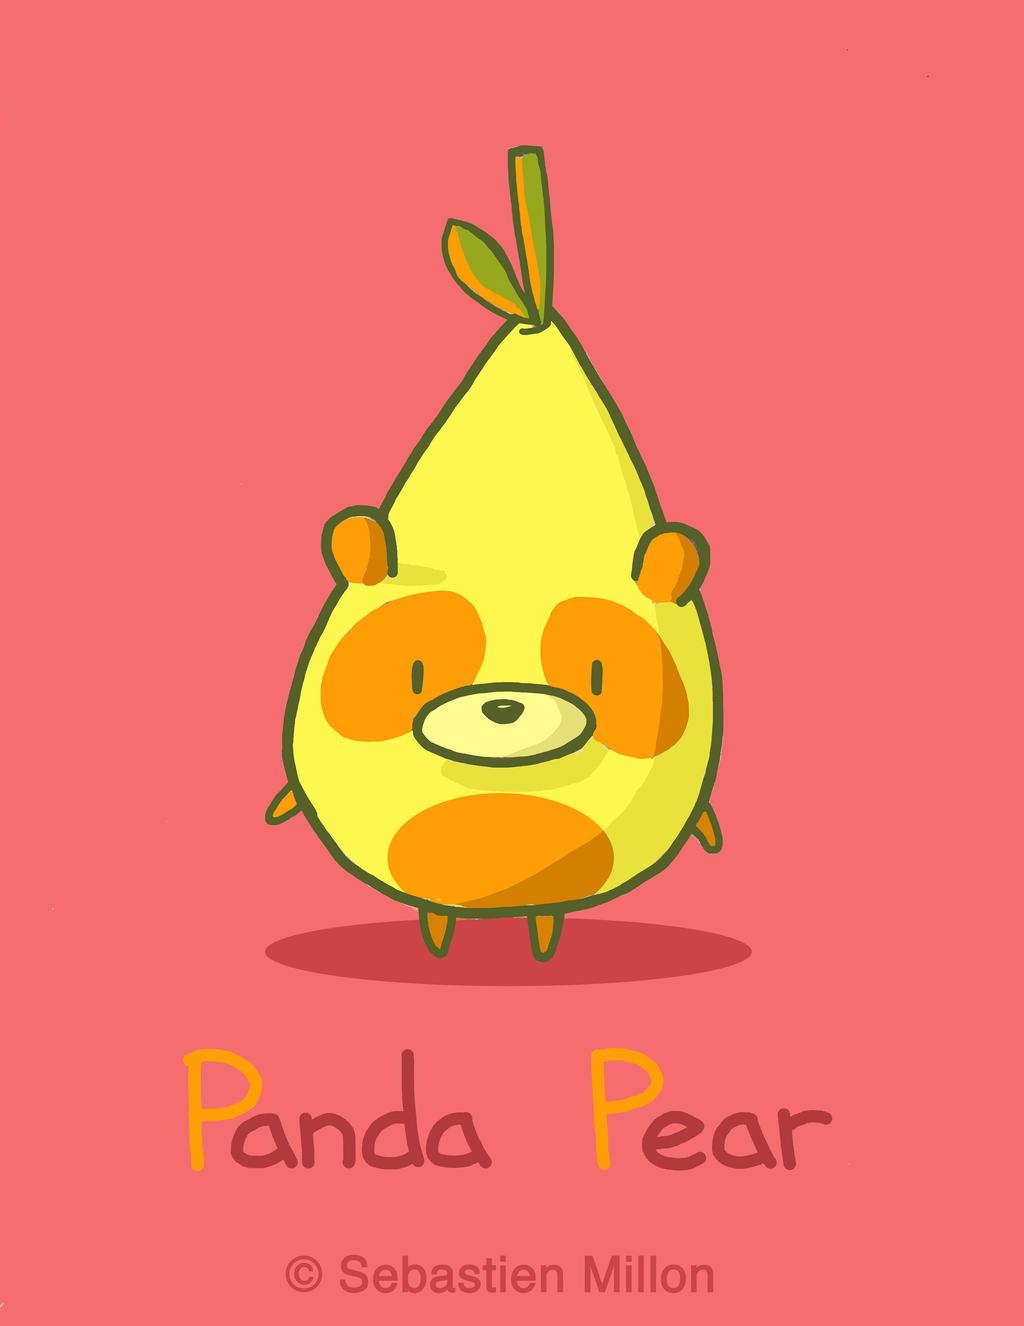 Panda Pear by sebreg